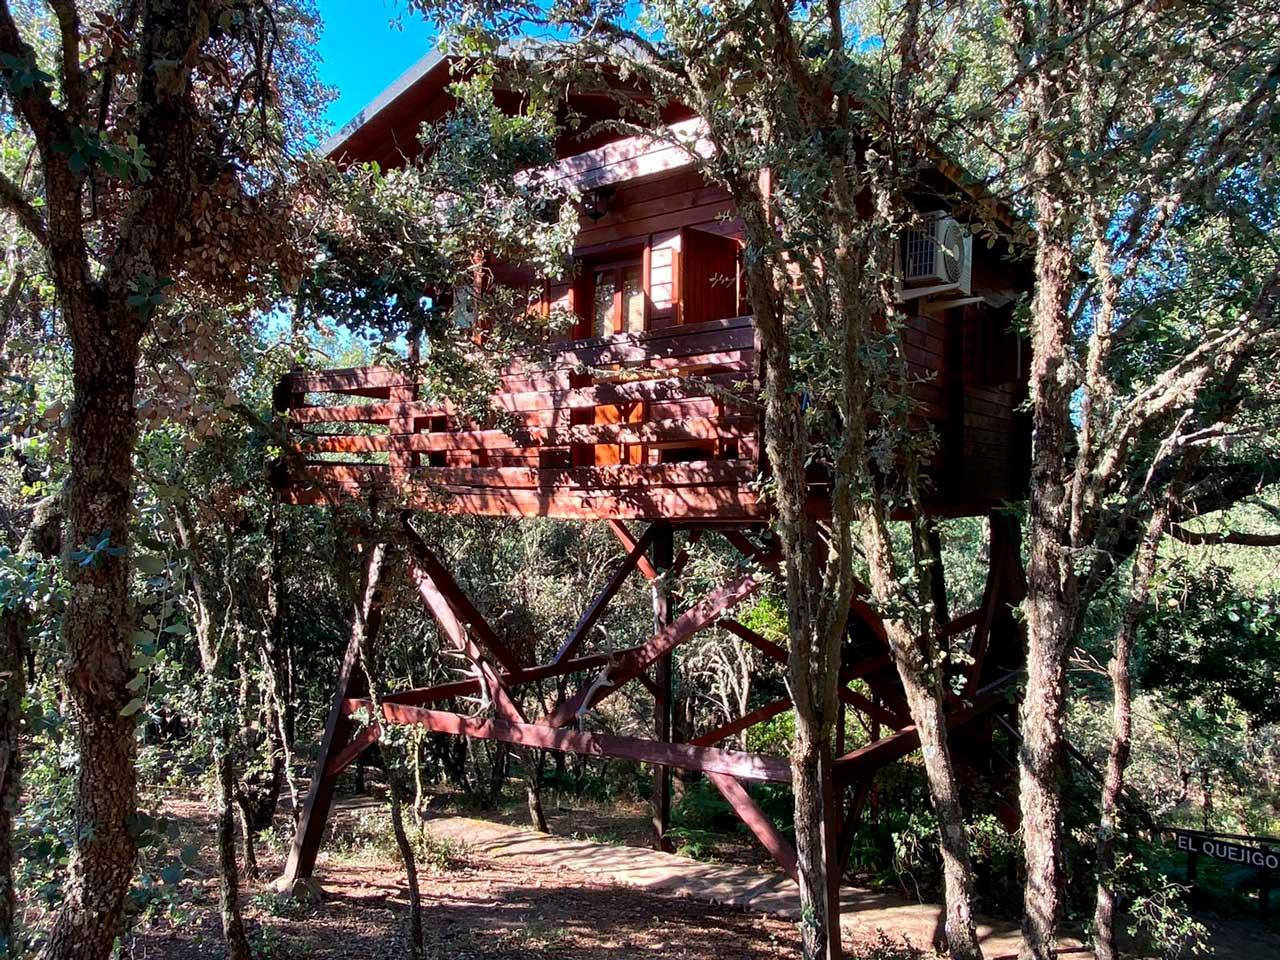 Cabaña-El-Quejigo-7